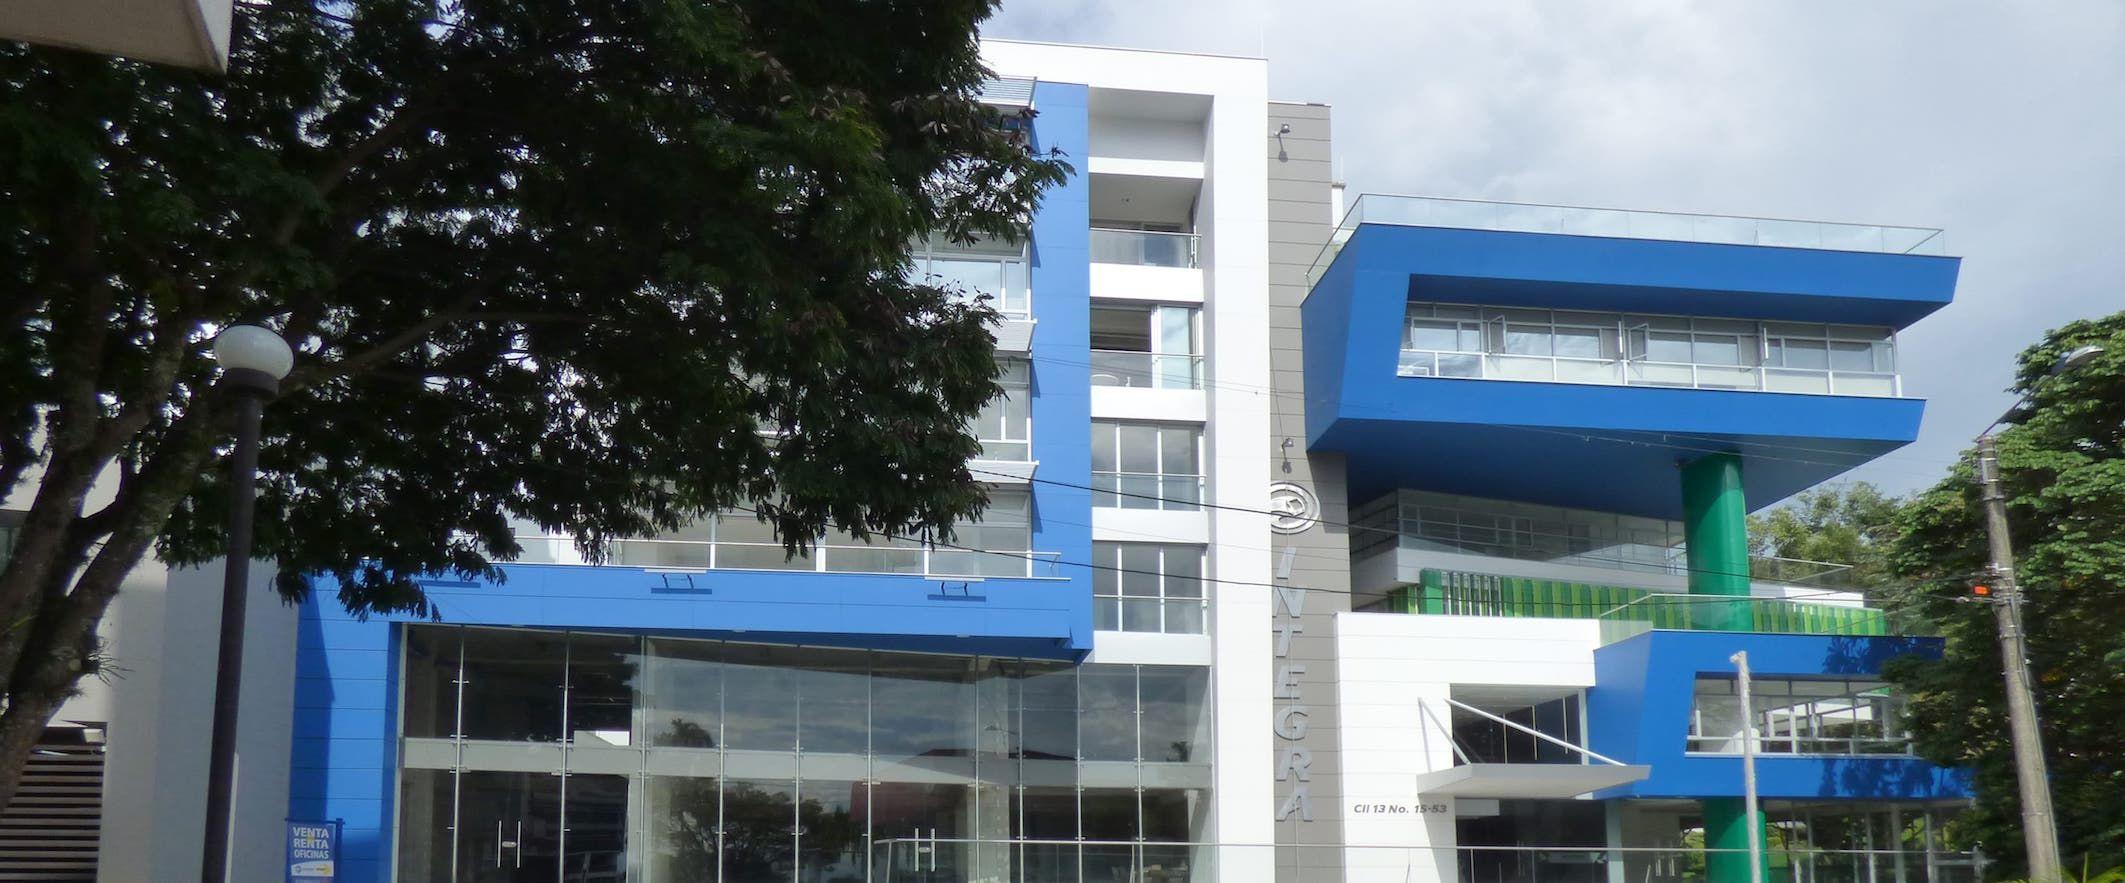 Edificio Integra Centro de negocios